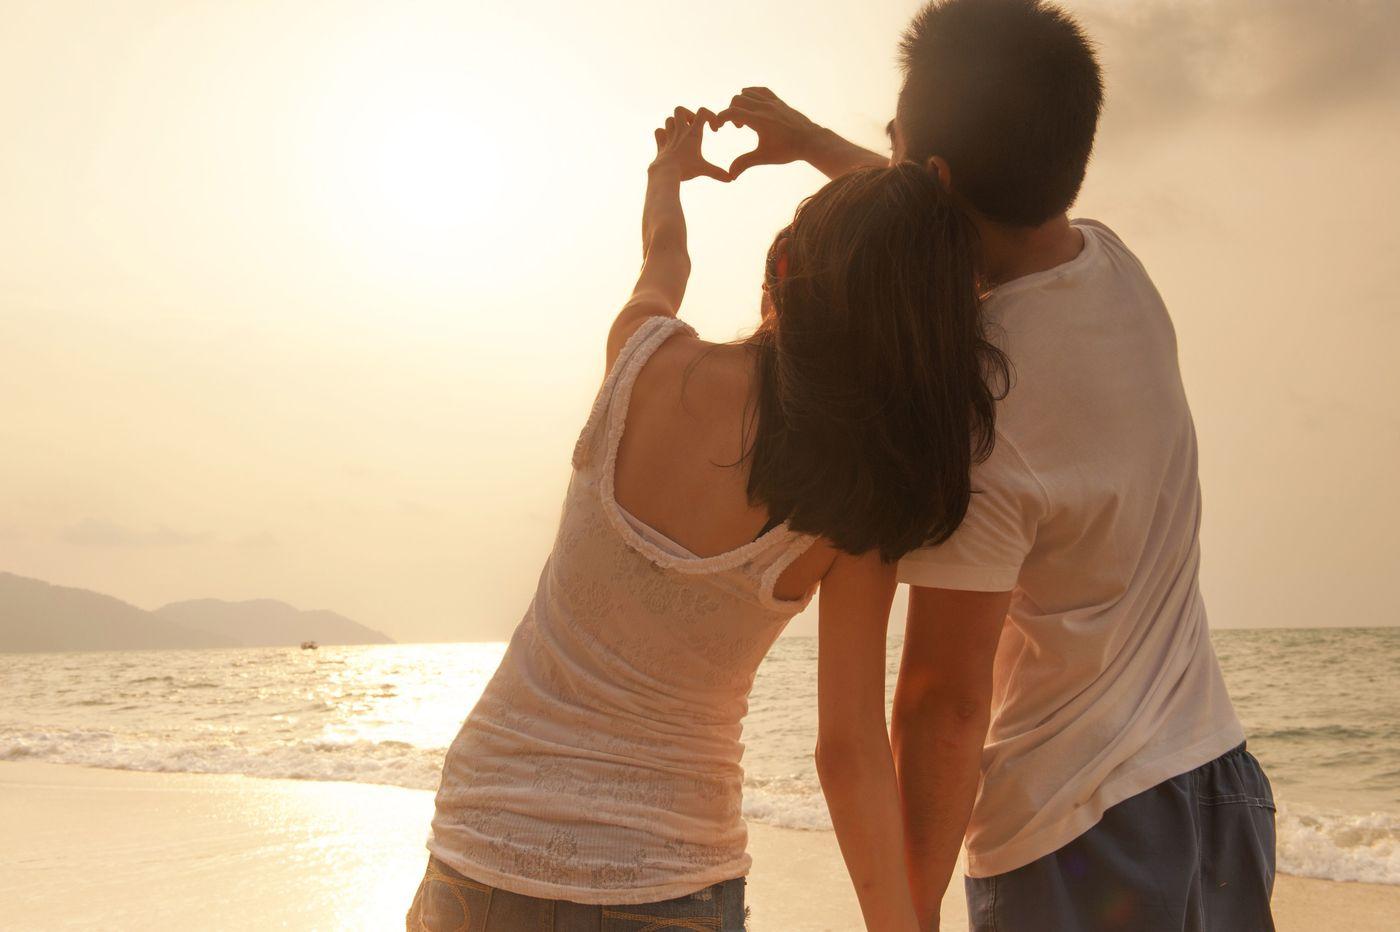 外国人カップルに学ぶ!ずっとラブラブなカップルになるためには?の1枚目の画像